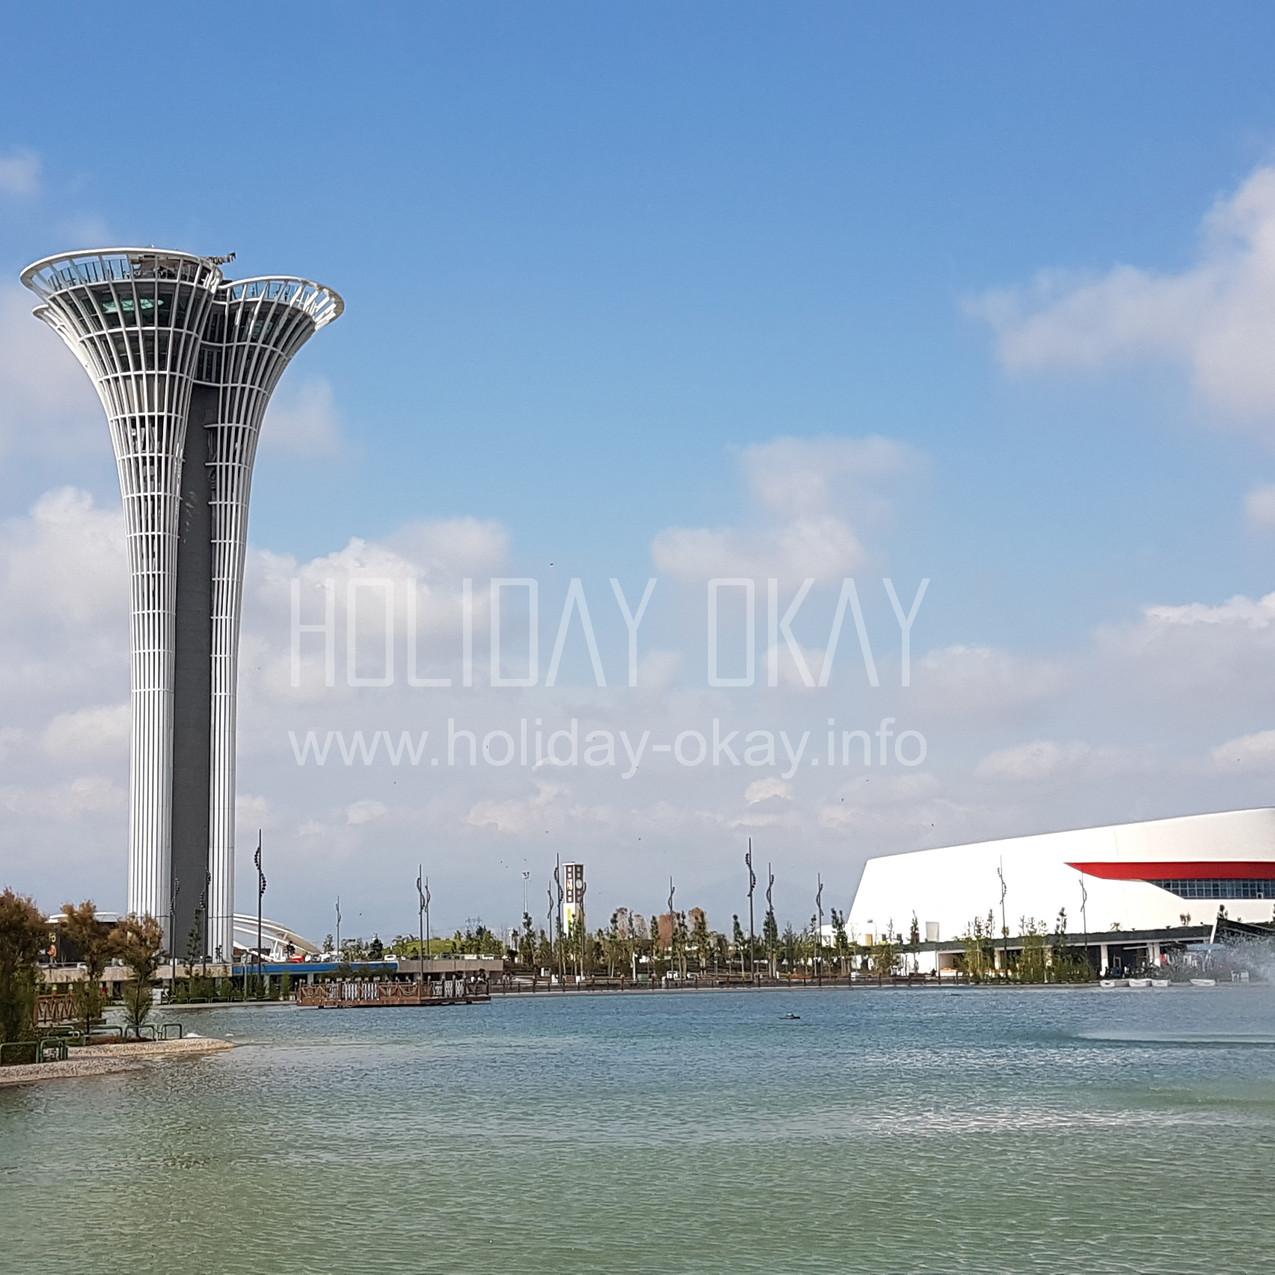 HOLIDAY OKAY | EXPO 2016 ANTALYA